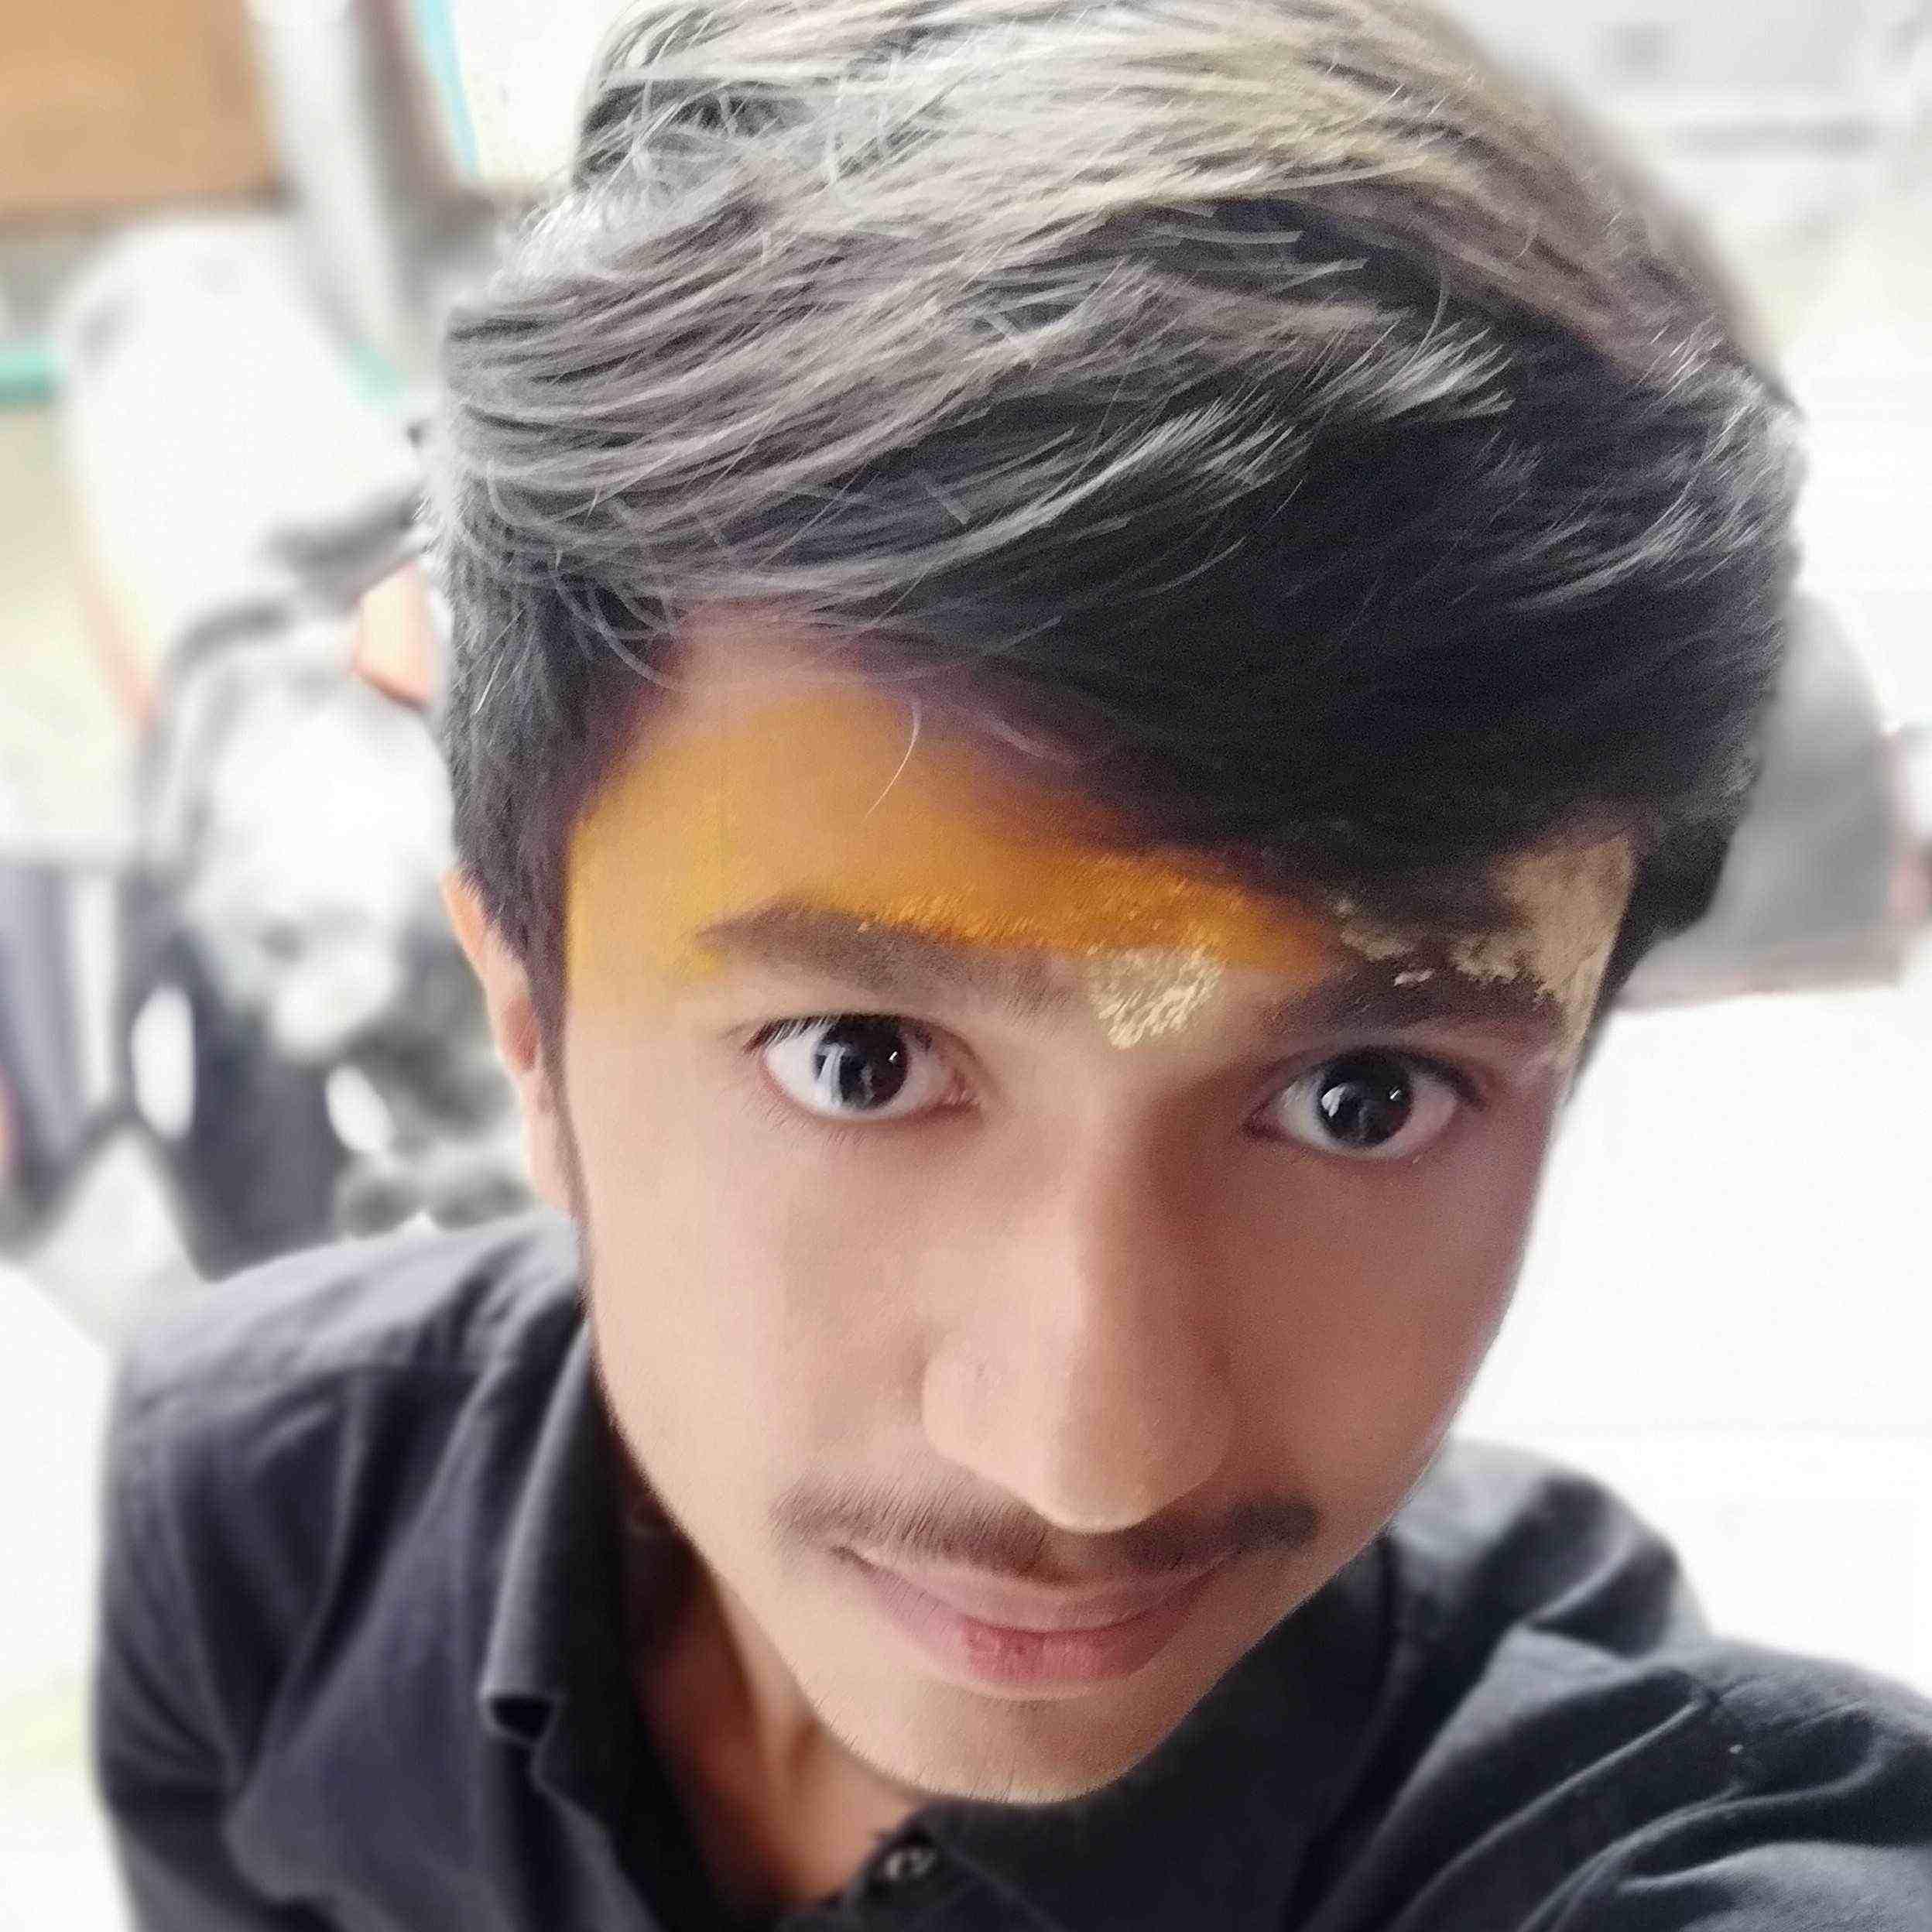 Shubham Parmar